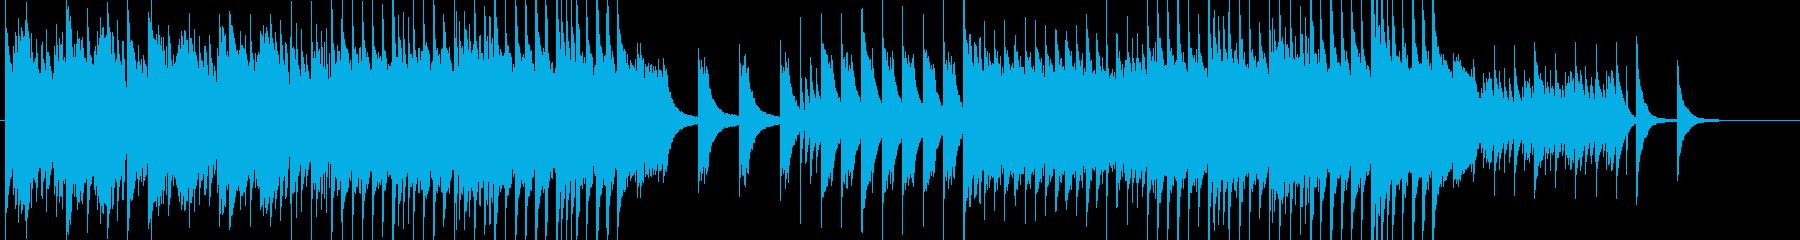 静かでいて力強く切ないピアノ曲の再生済みの波形